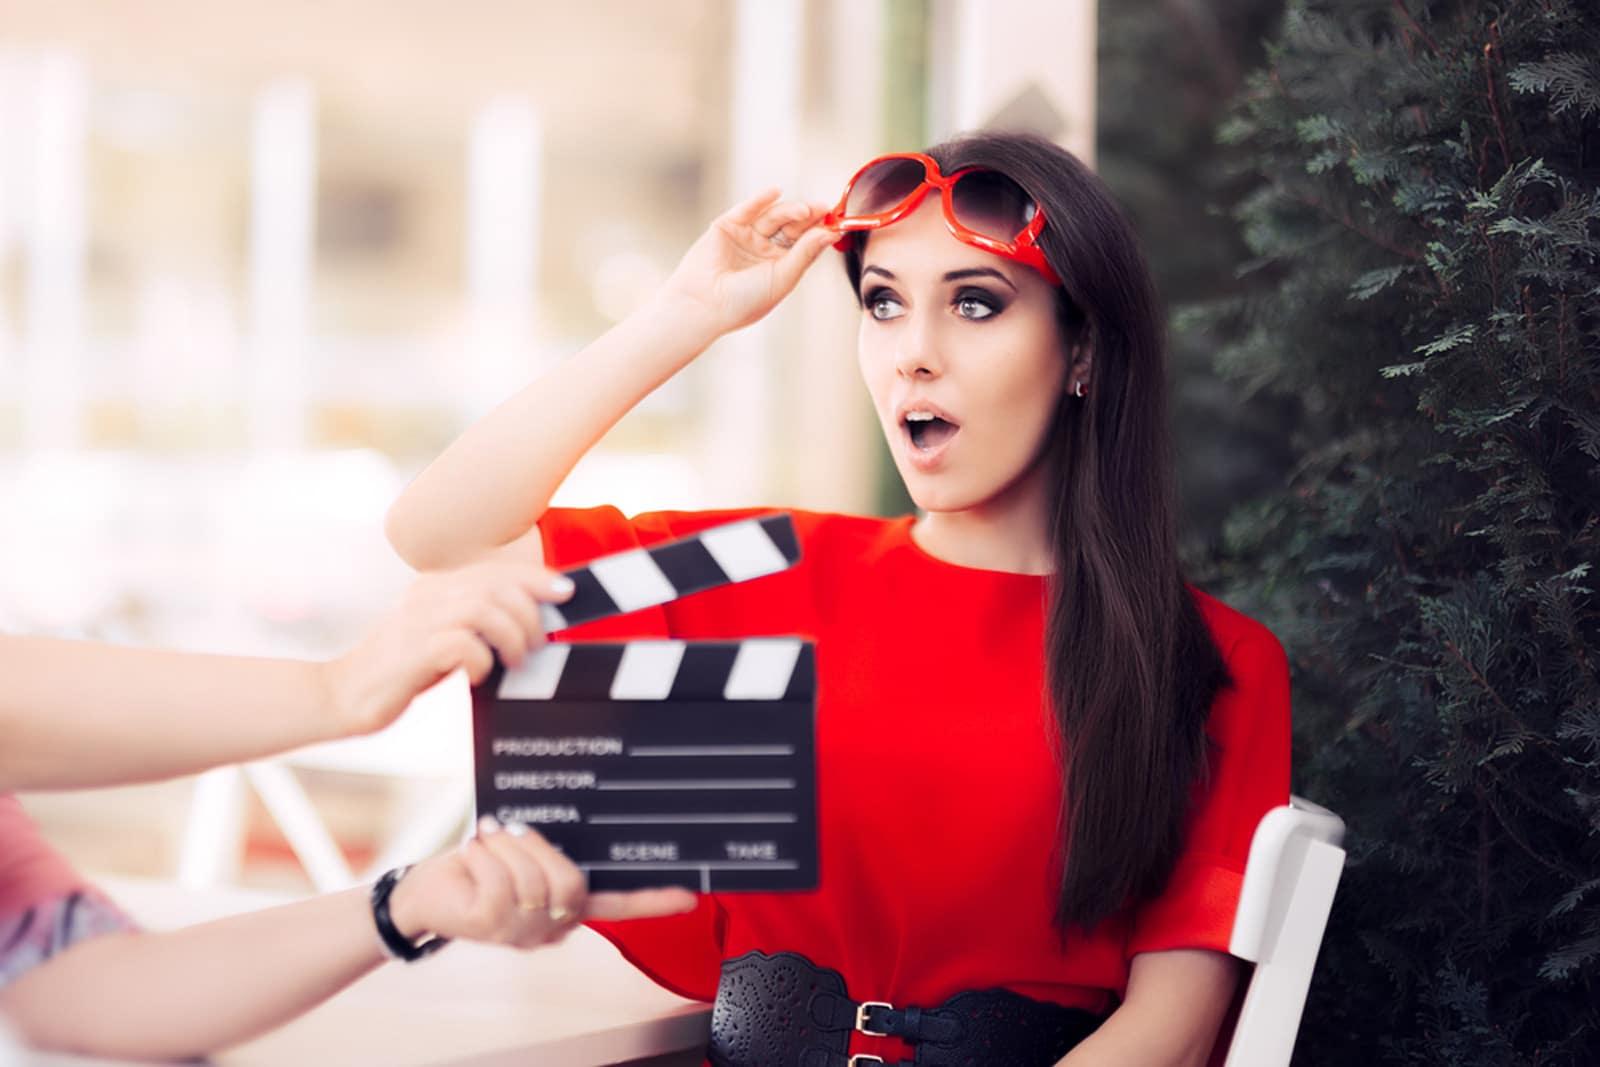 DST Film Studio - Filmowanie spotów reklamowych we Wrocławiu